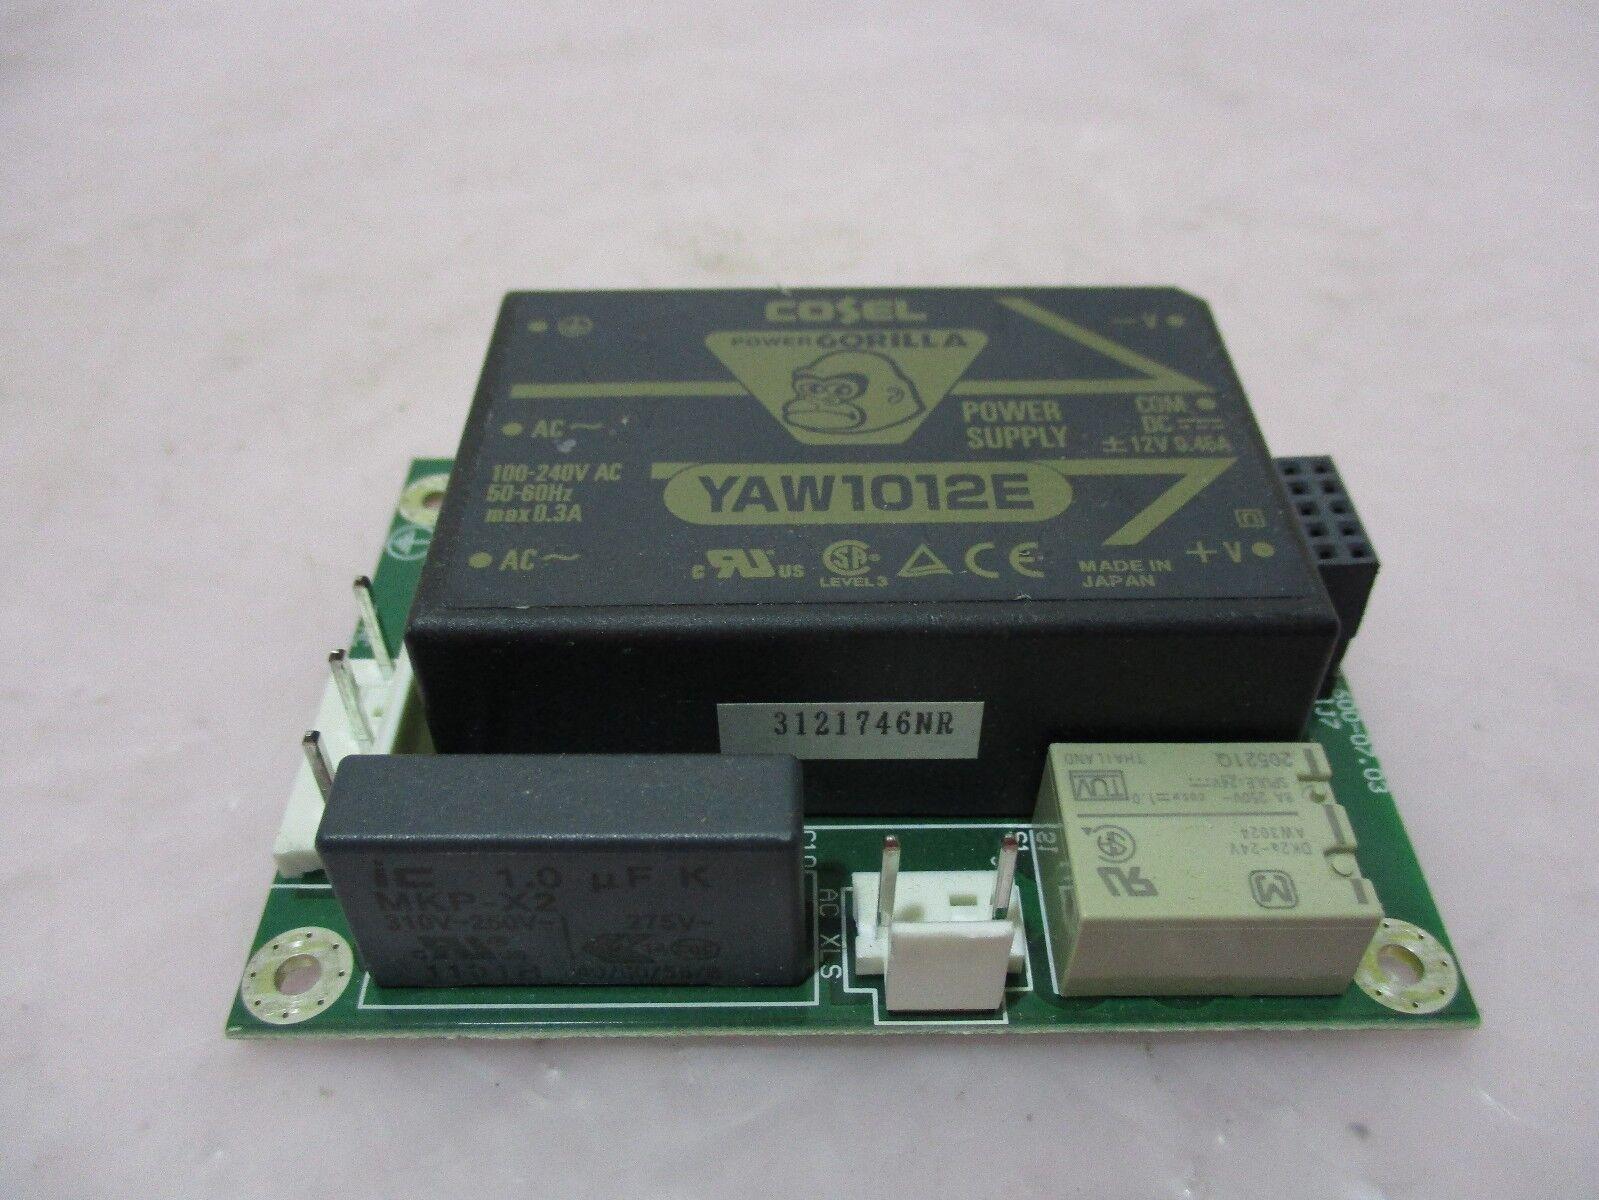 J.A. Woollam SSB-600.07.03 PCB Board W/ Cosel YAW1012E Power Supply, 420570